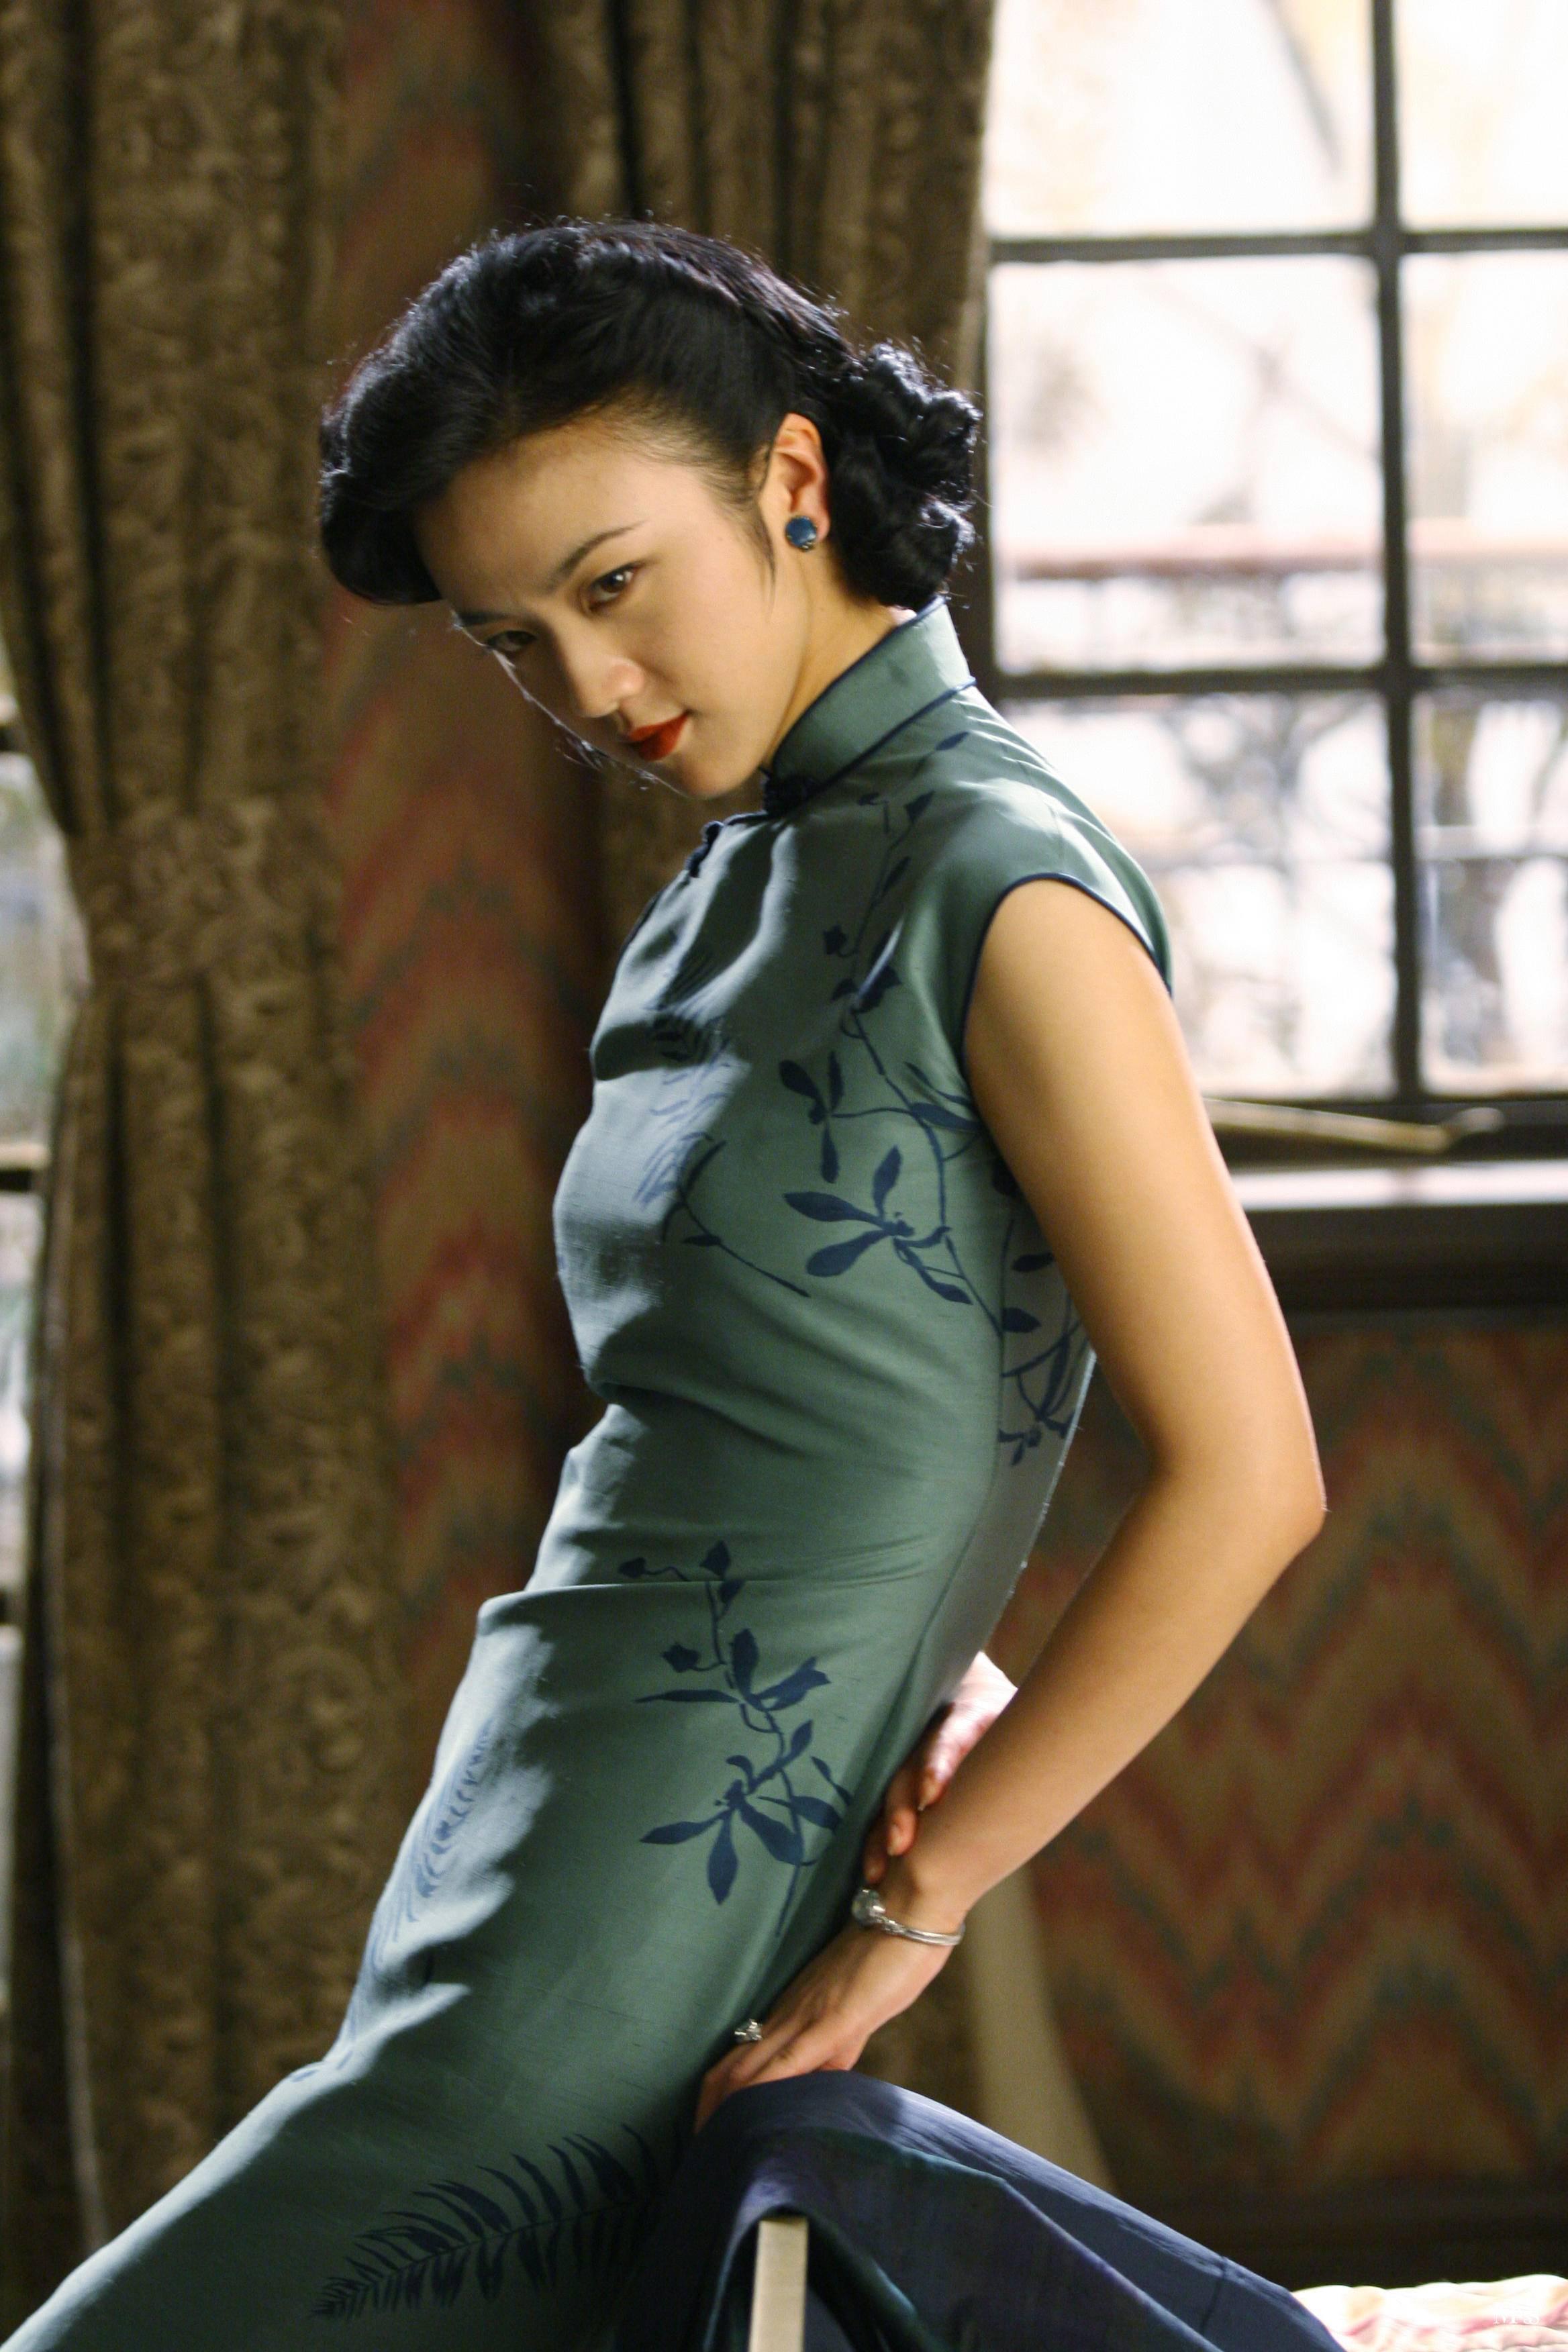 中国男人永远无法理解的三种美:舒淇汤唯莫文蔚